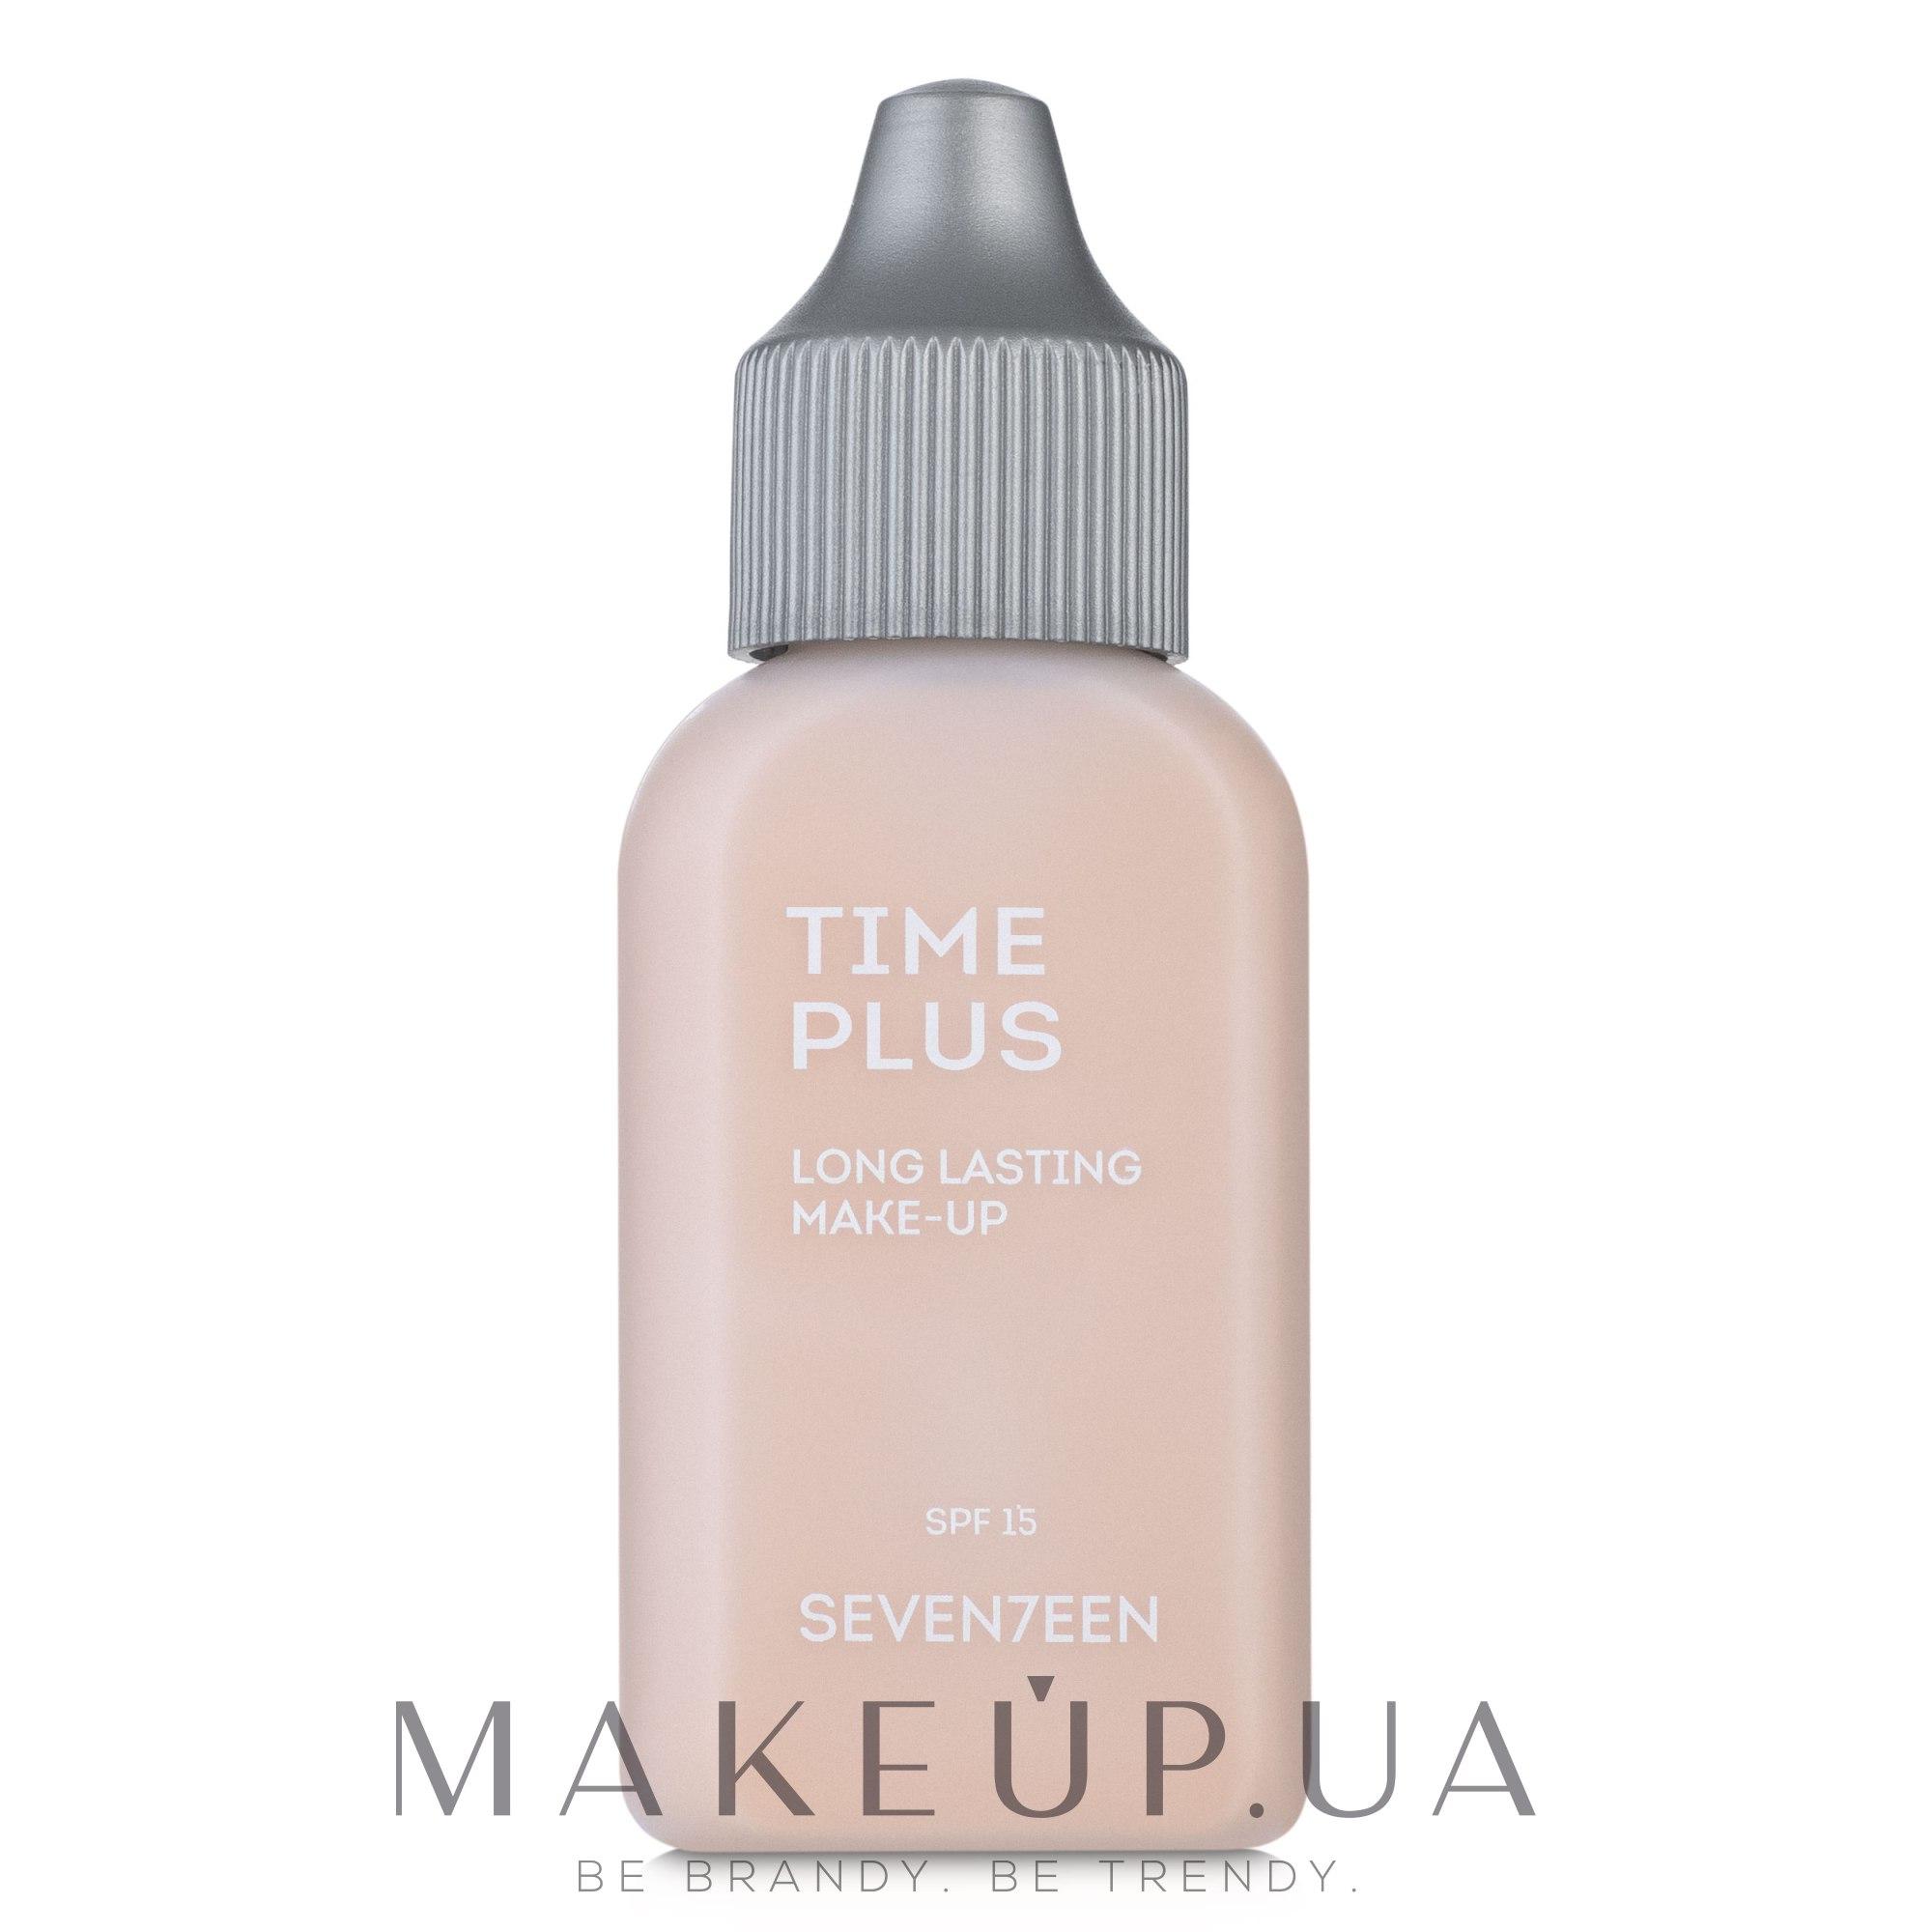 Тональний крем довгої дії - Seventeen Time Plus Longlasting Make Up: купити за найкращою ціною в Україні - MAKEUP